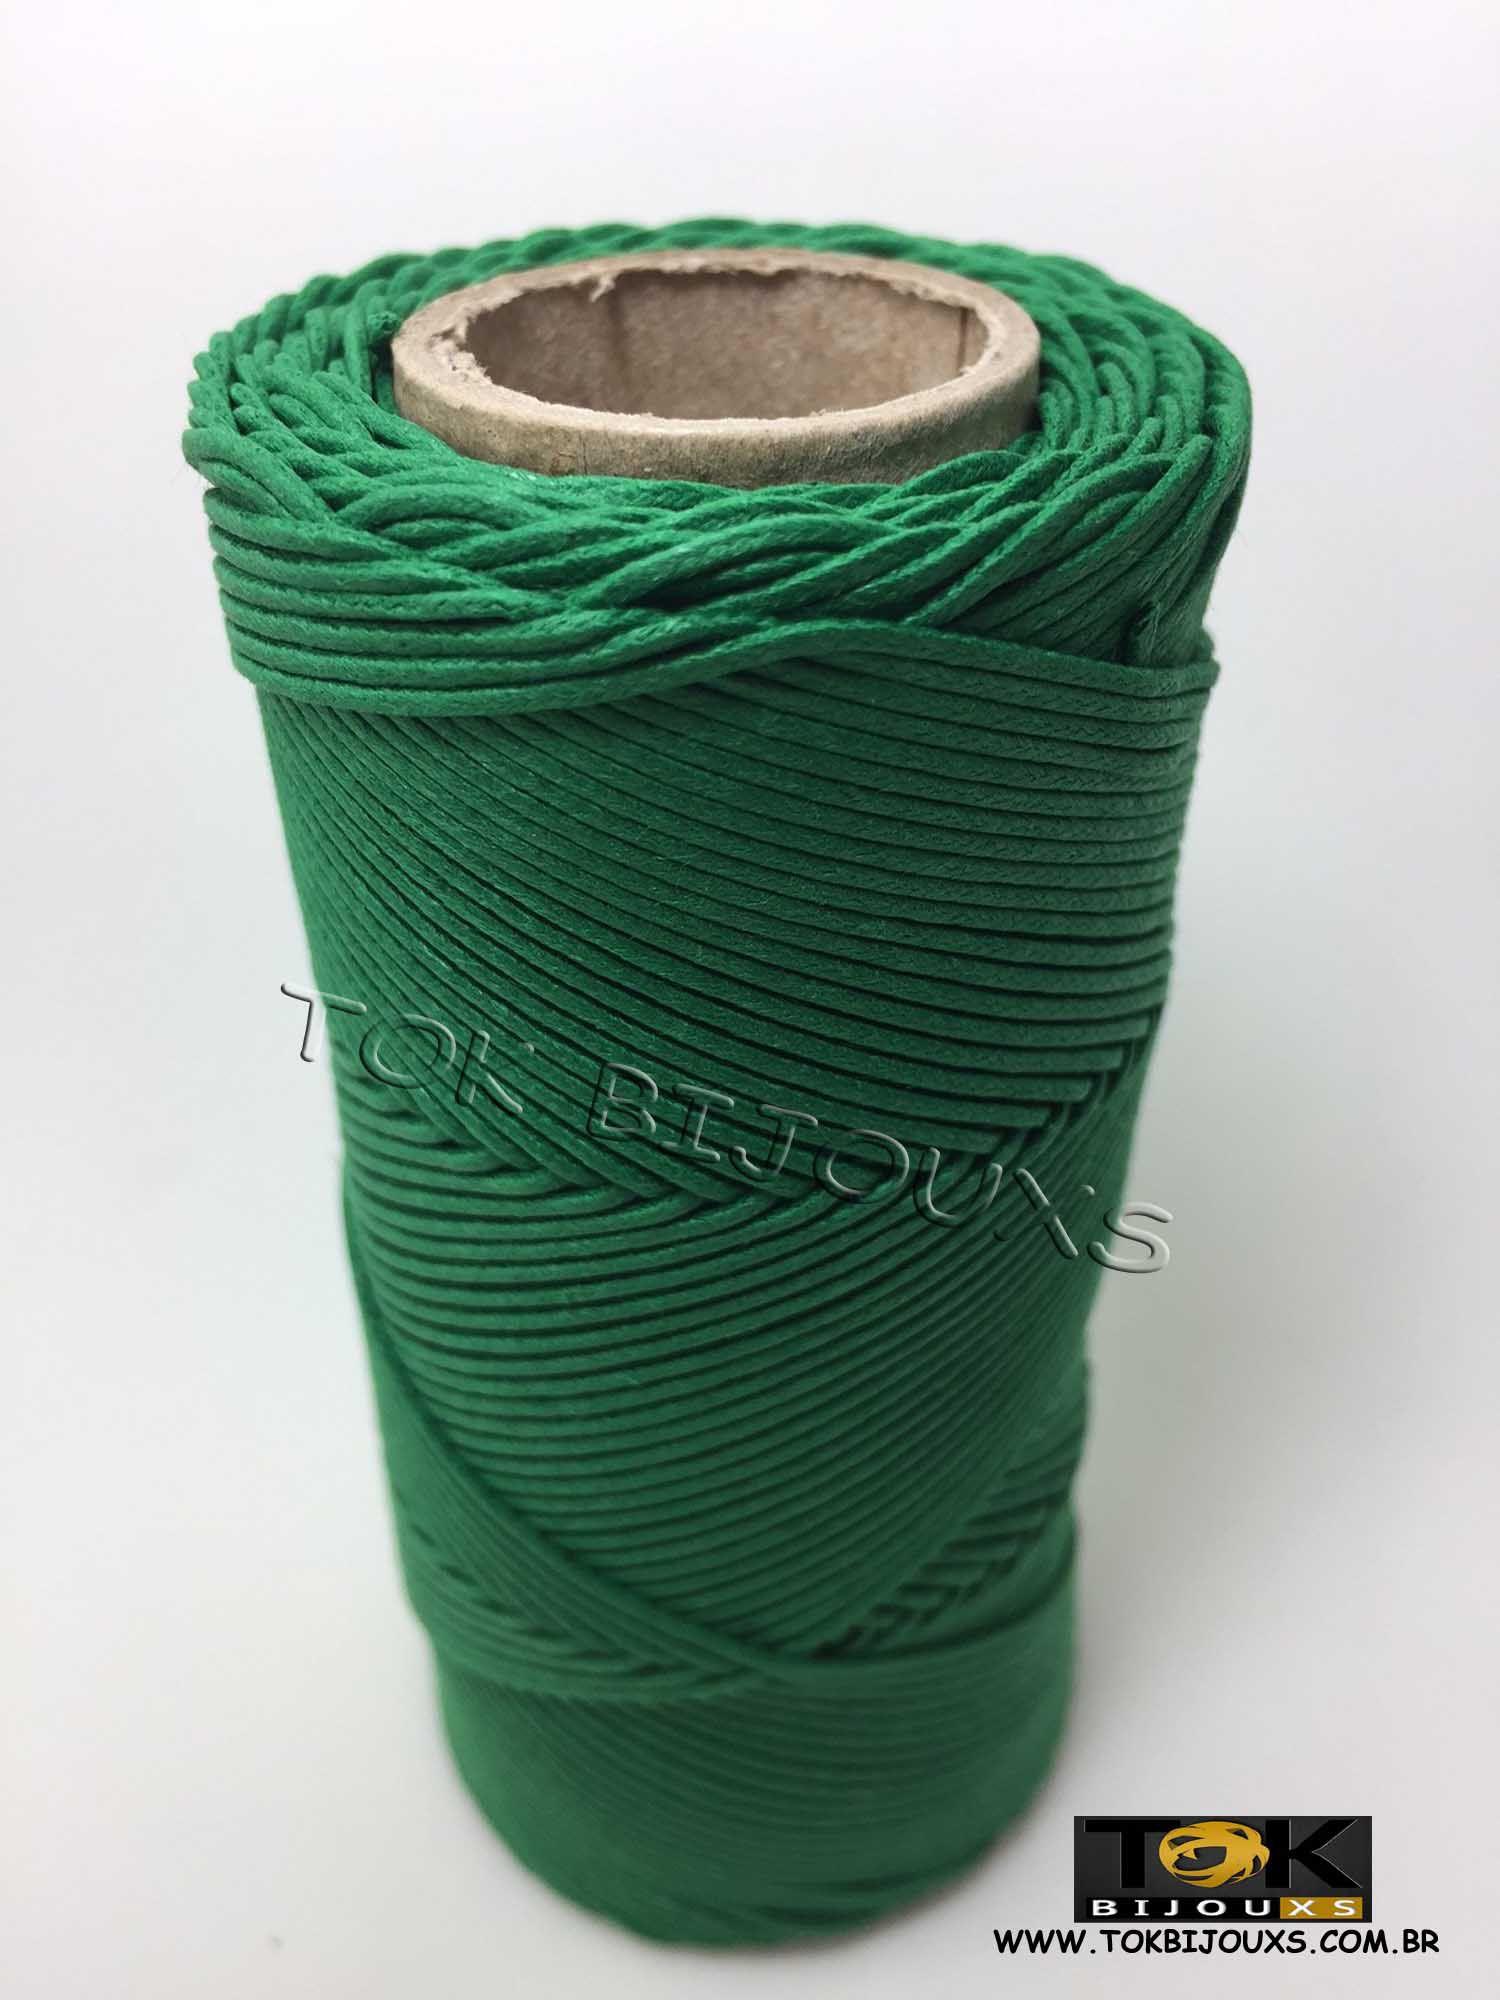 Cordão Encerado Algodão - 2mm - Verde Bandeira